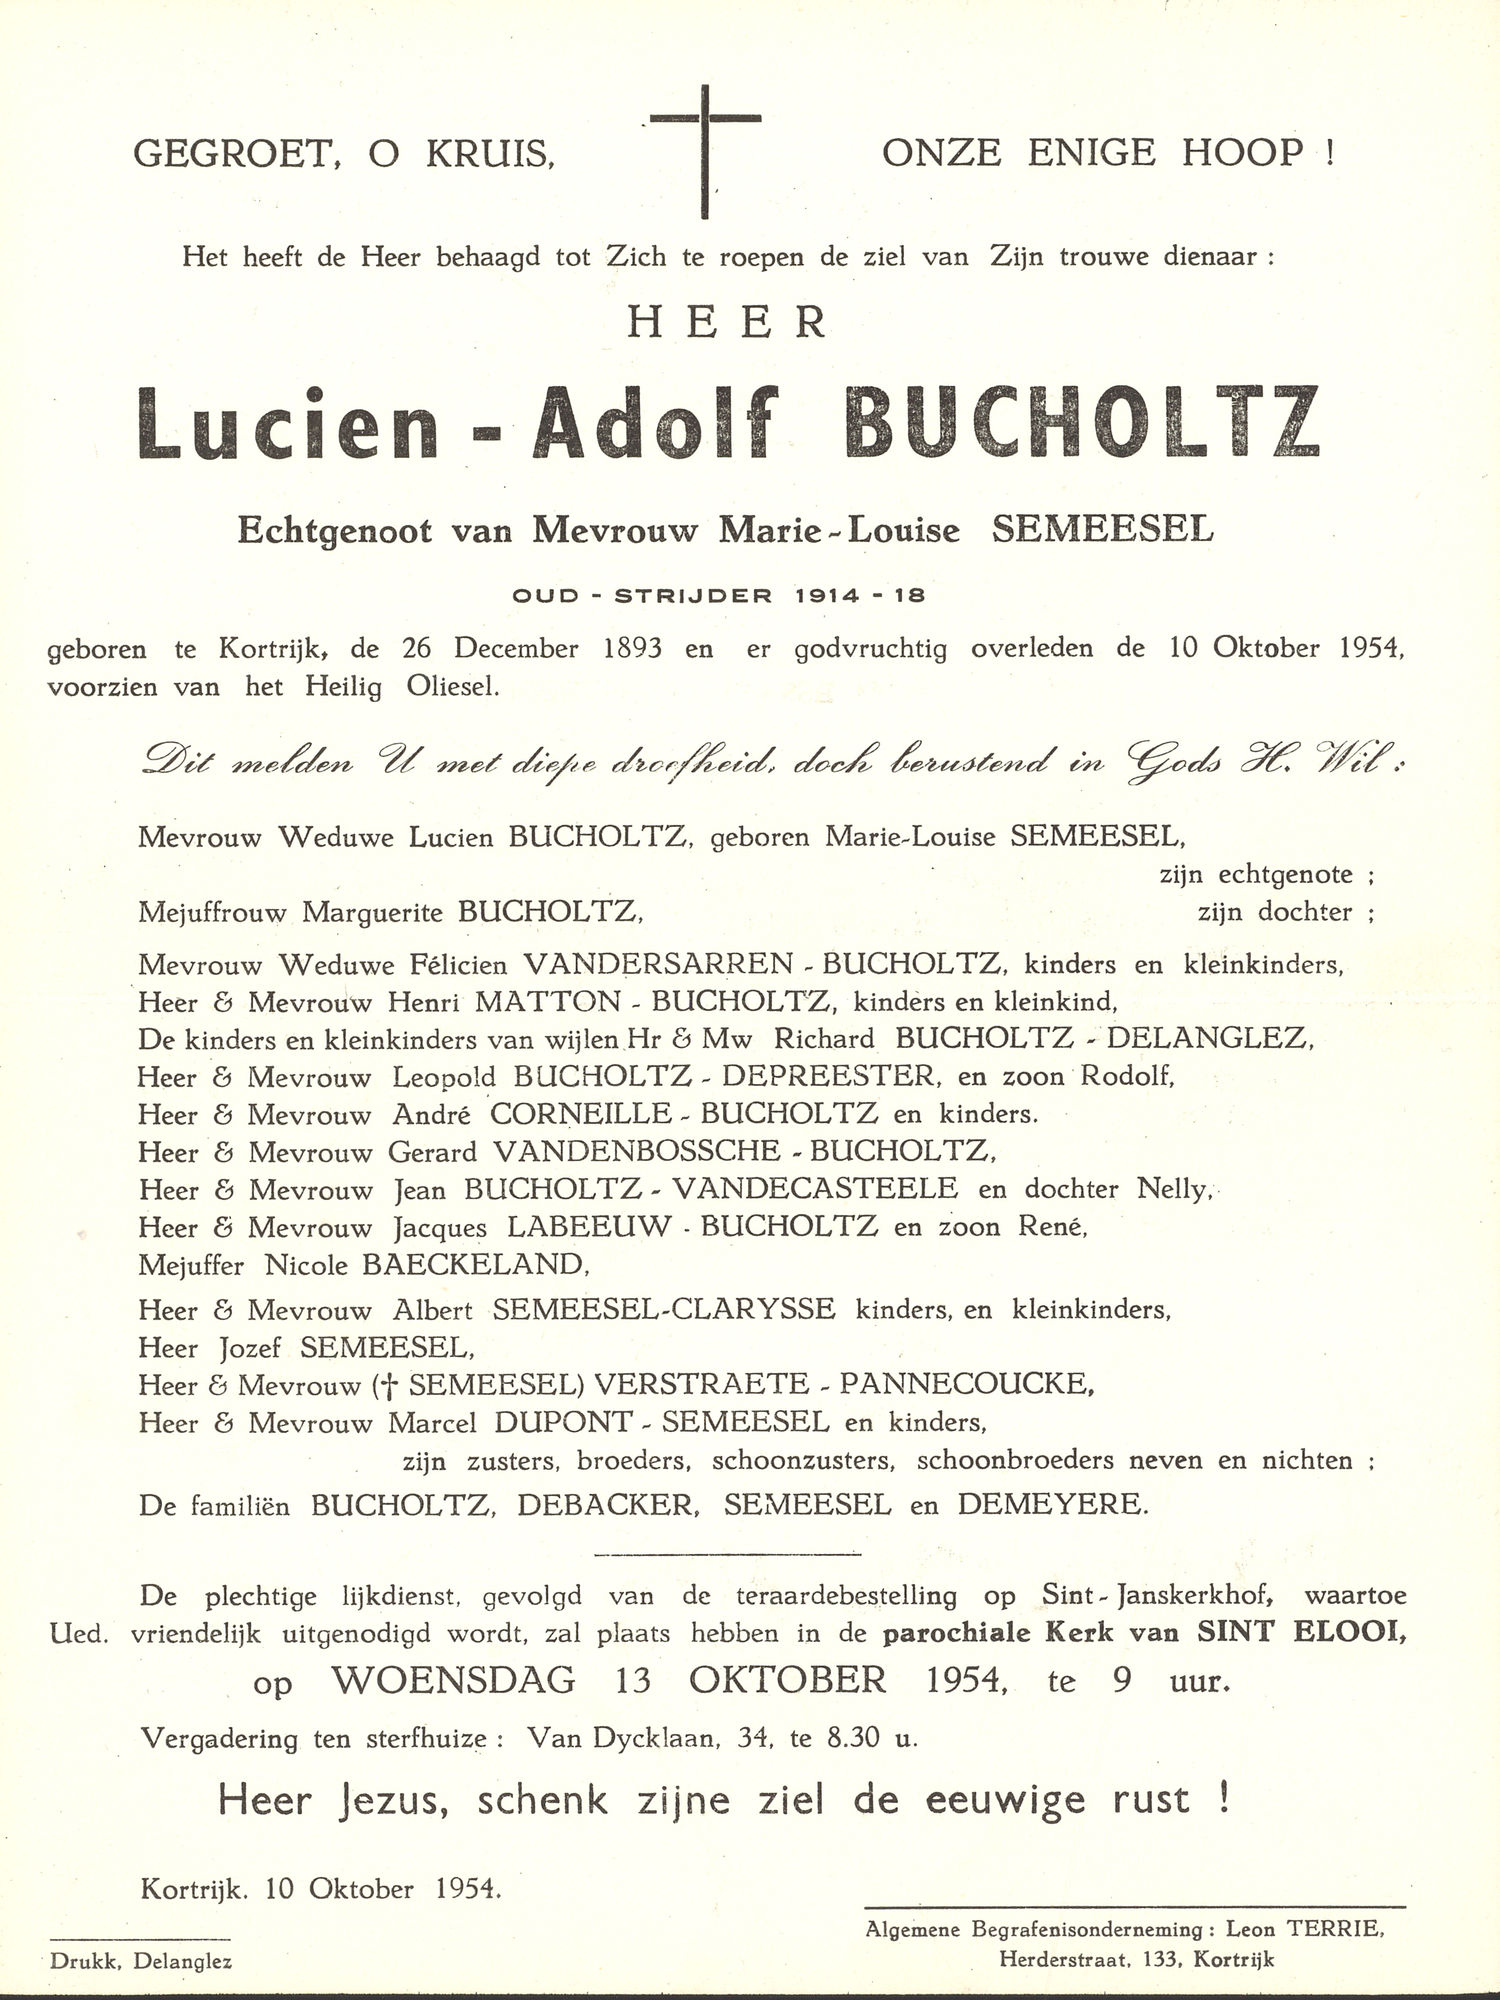 Lucien-Adolf Bucholtz